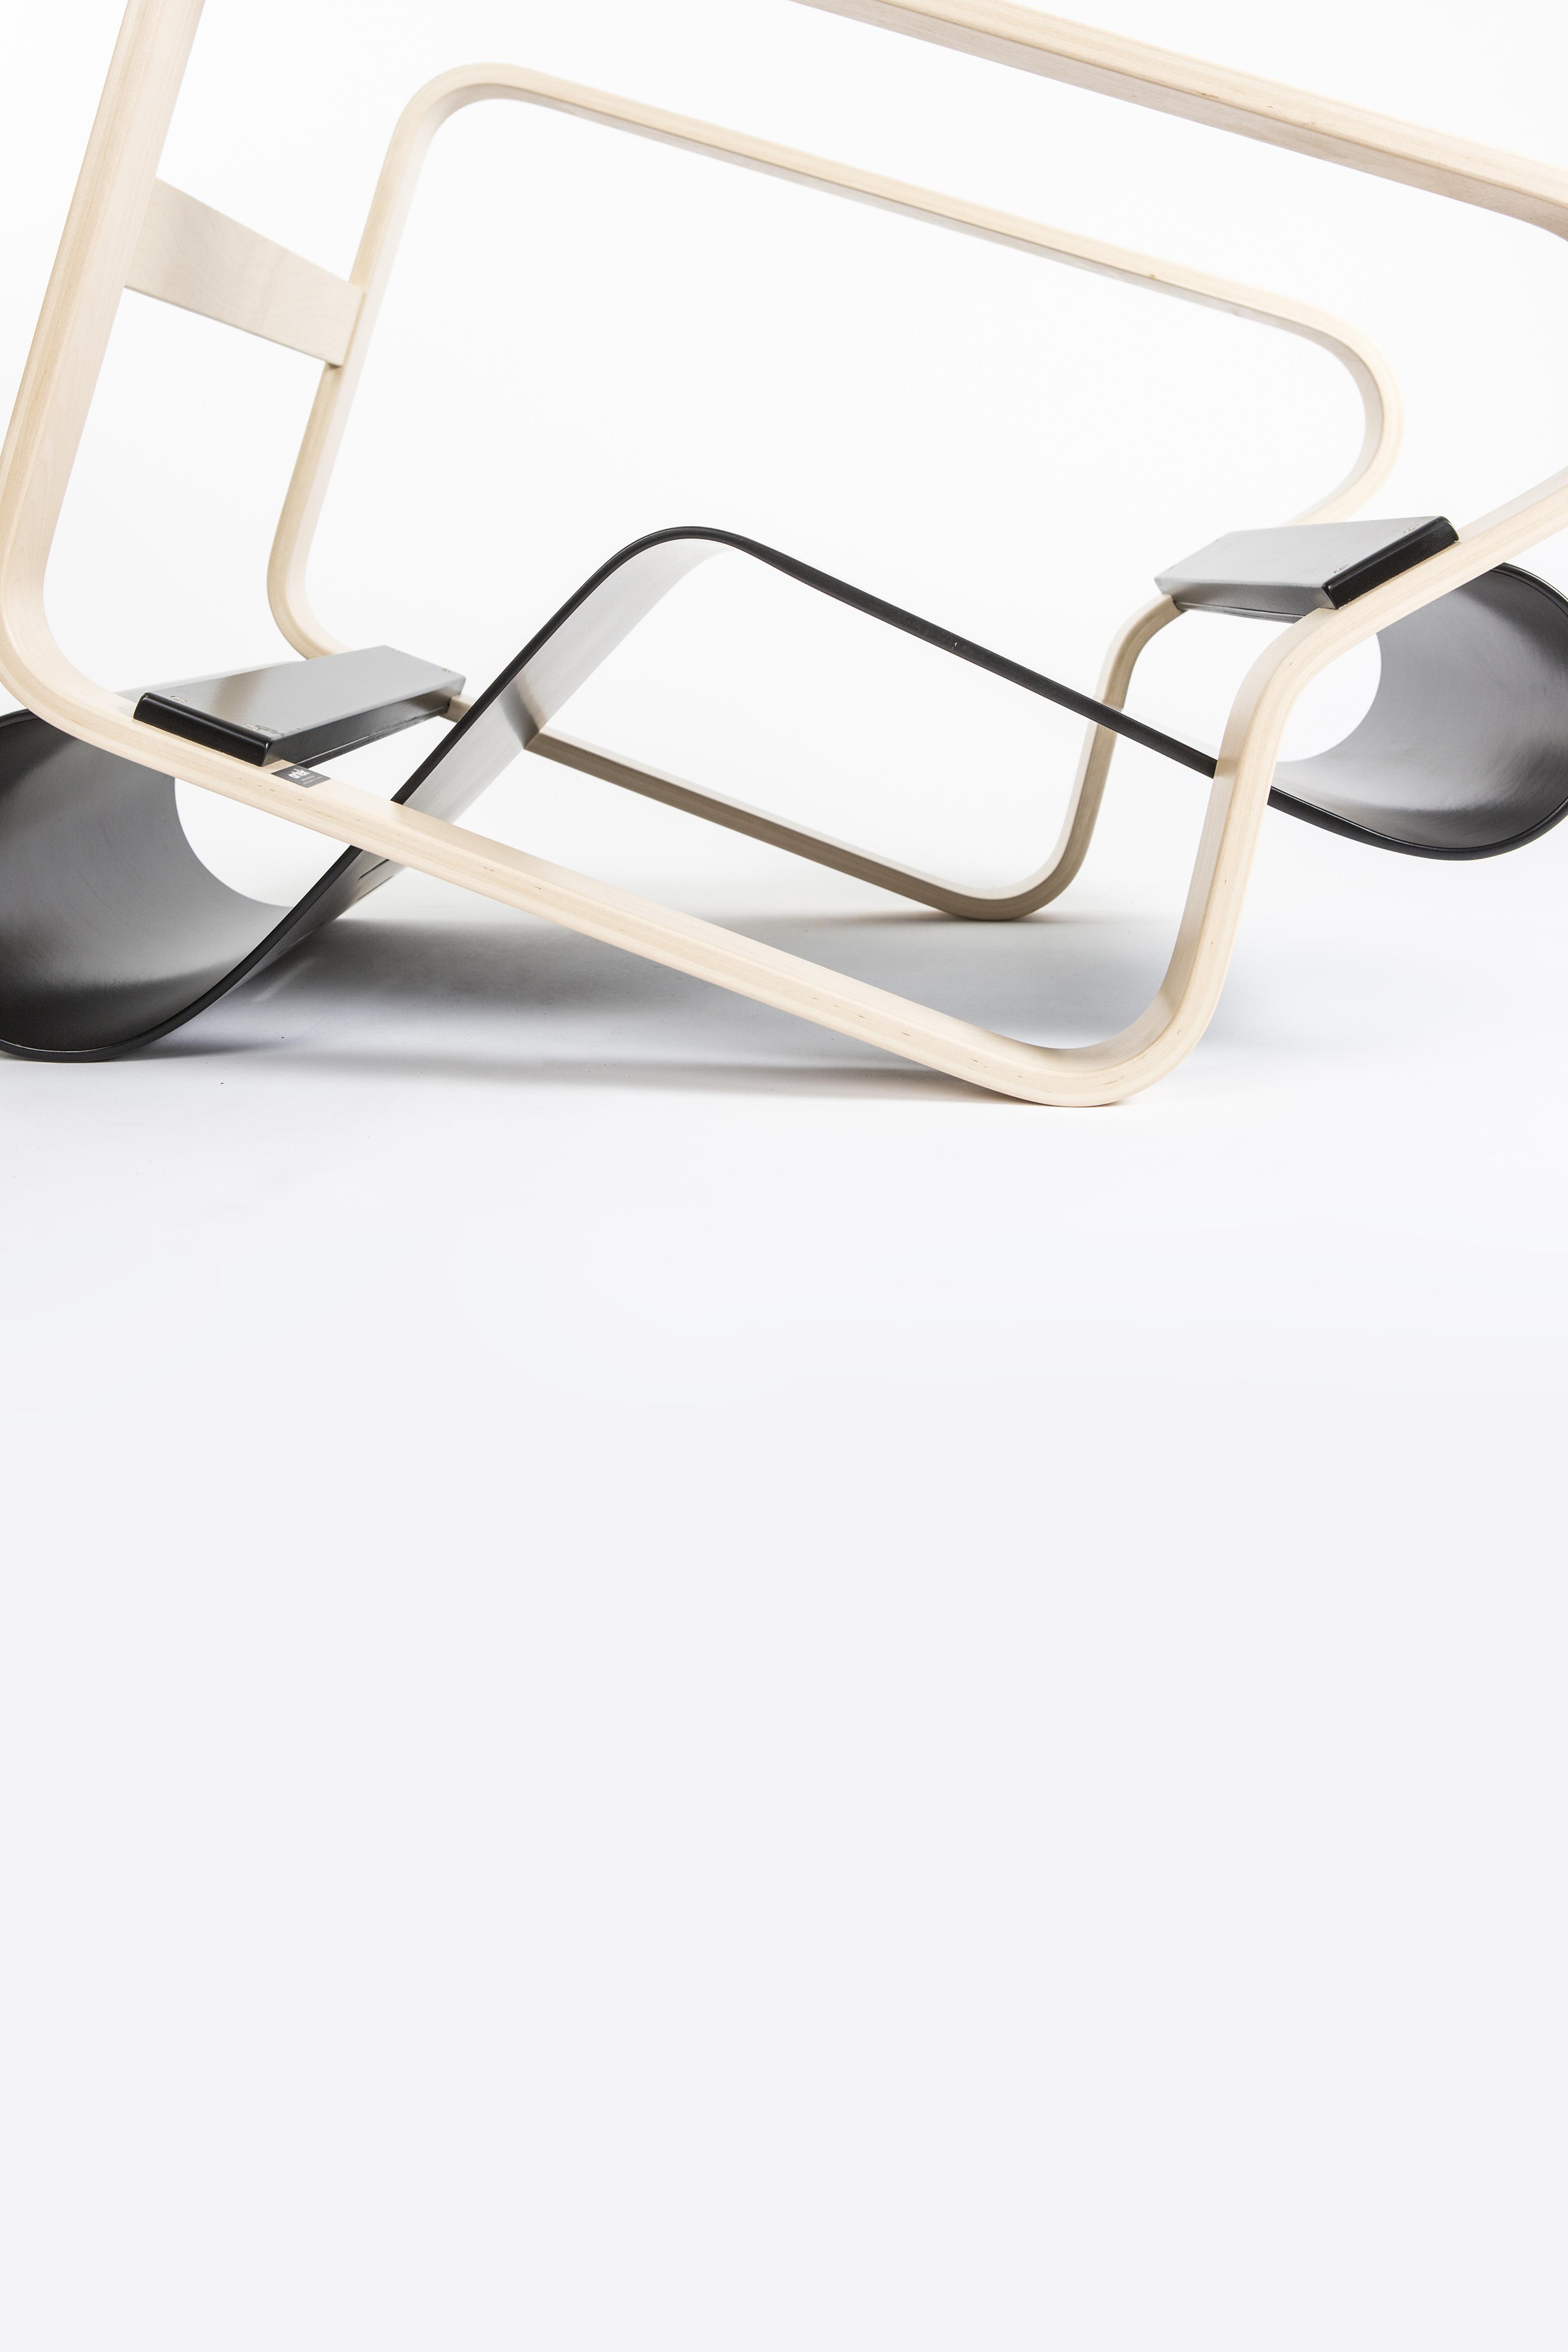 https://www.twiggy.be/en/product/detail/artek-paimio-41-armchair/1040534?colour=83654